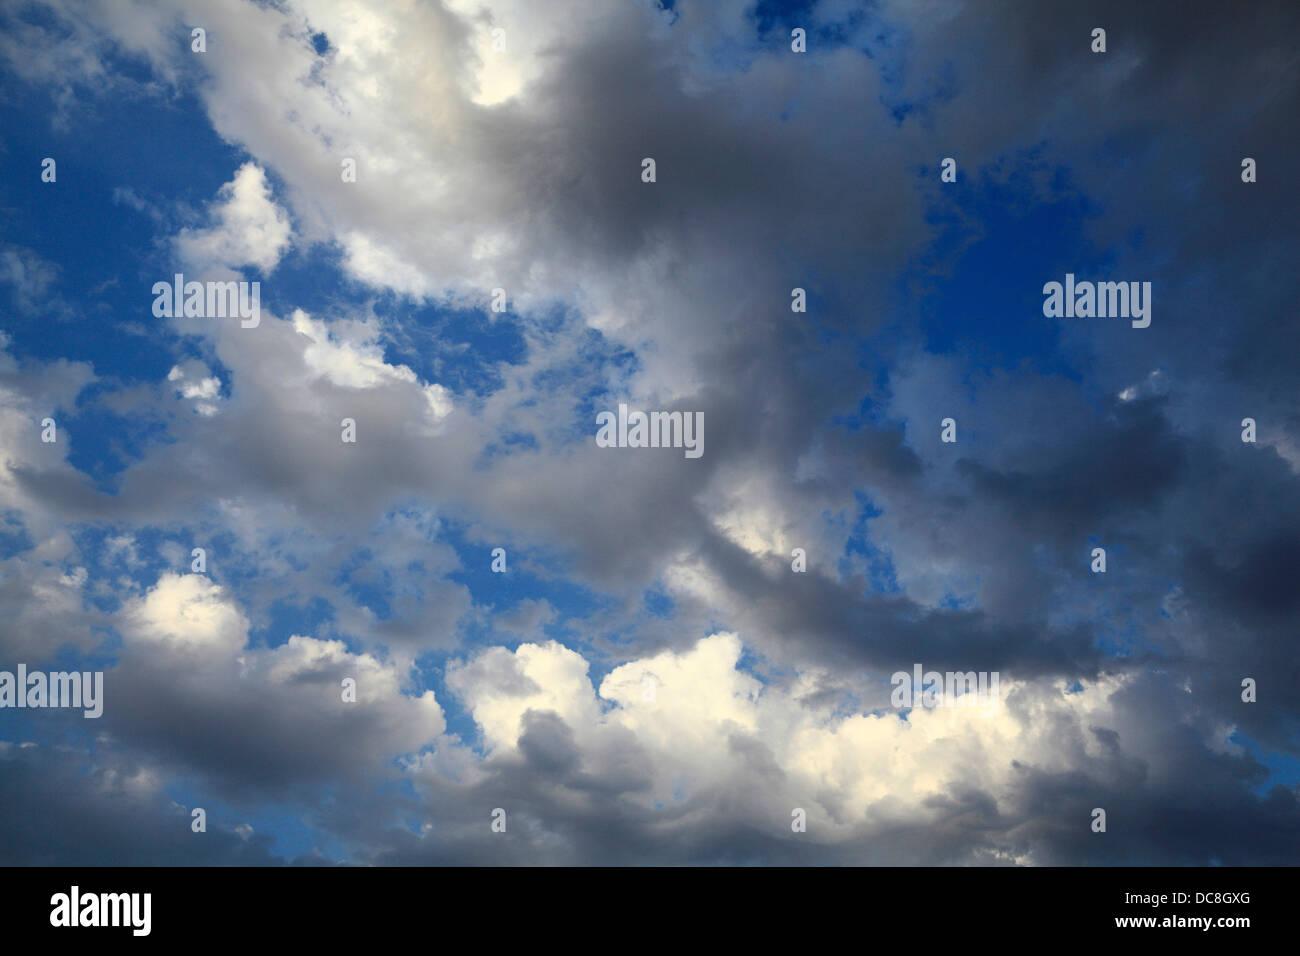 Cielo azul, blanco y gris oscuro de las nubes, fondo de cielo nuboso clima METEOROLOGÍA Imagen De Stock